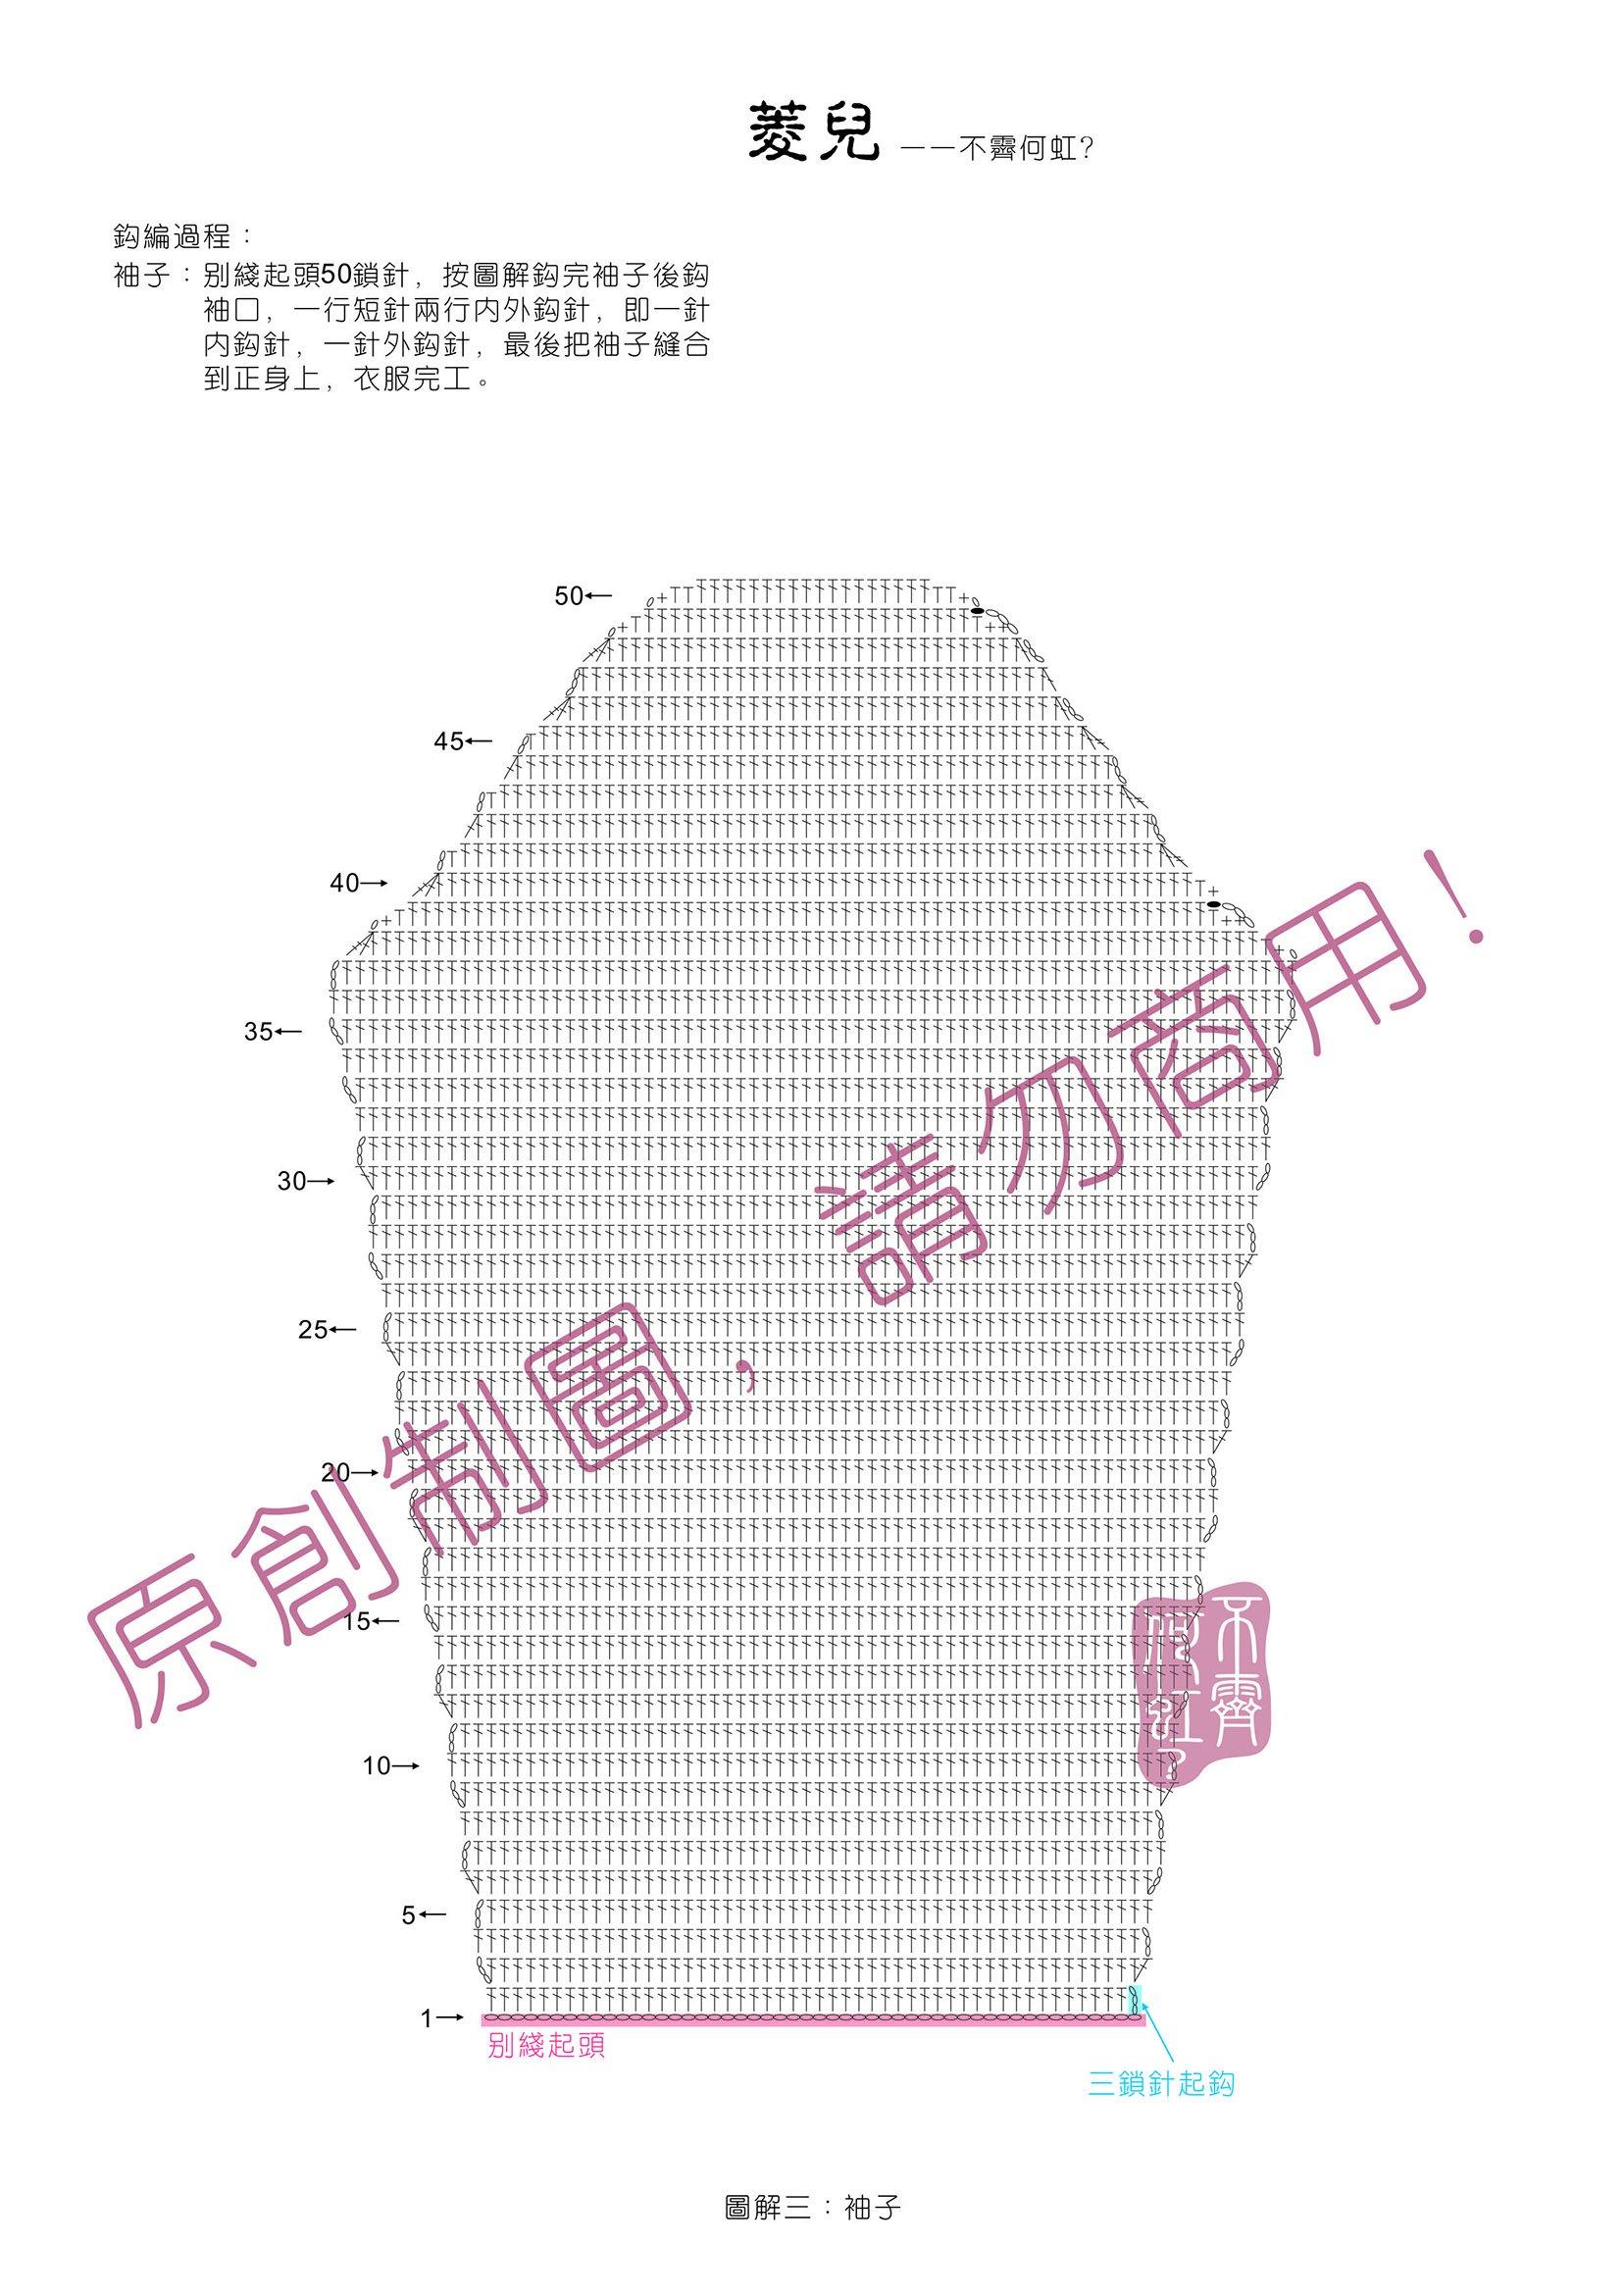 菱儿图解-3.jpg